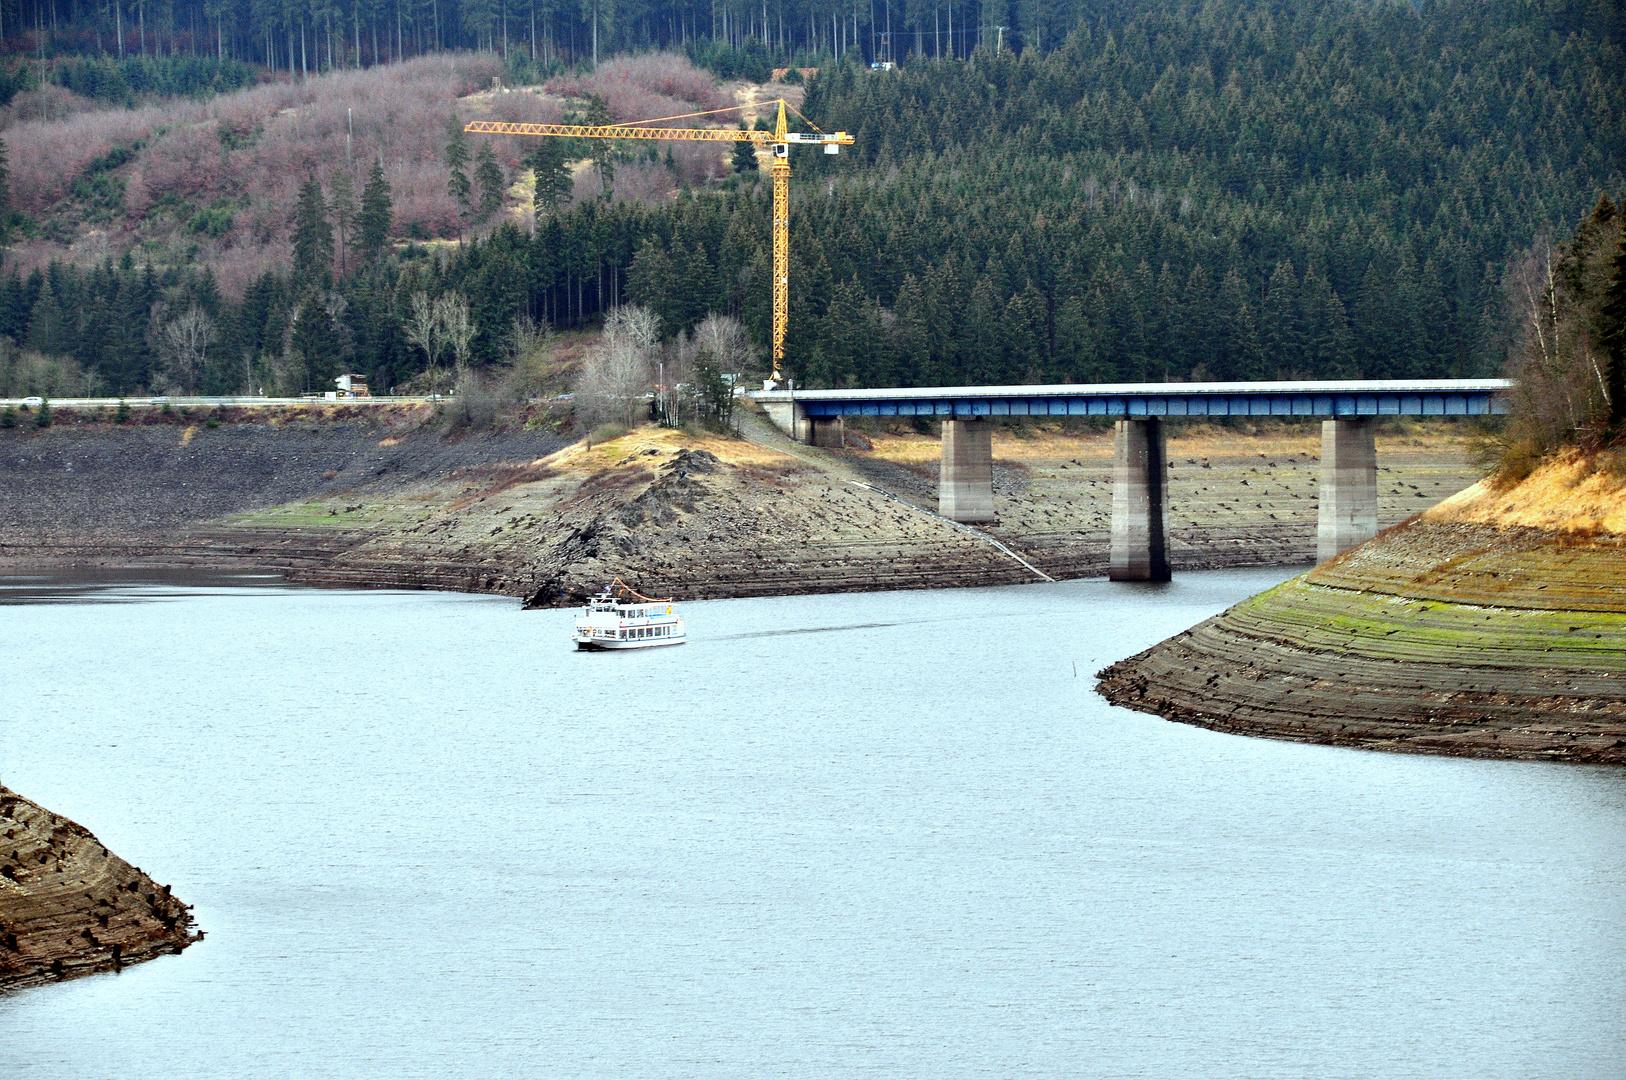 Niedrigwasser in der Okertalsperre